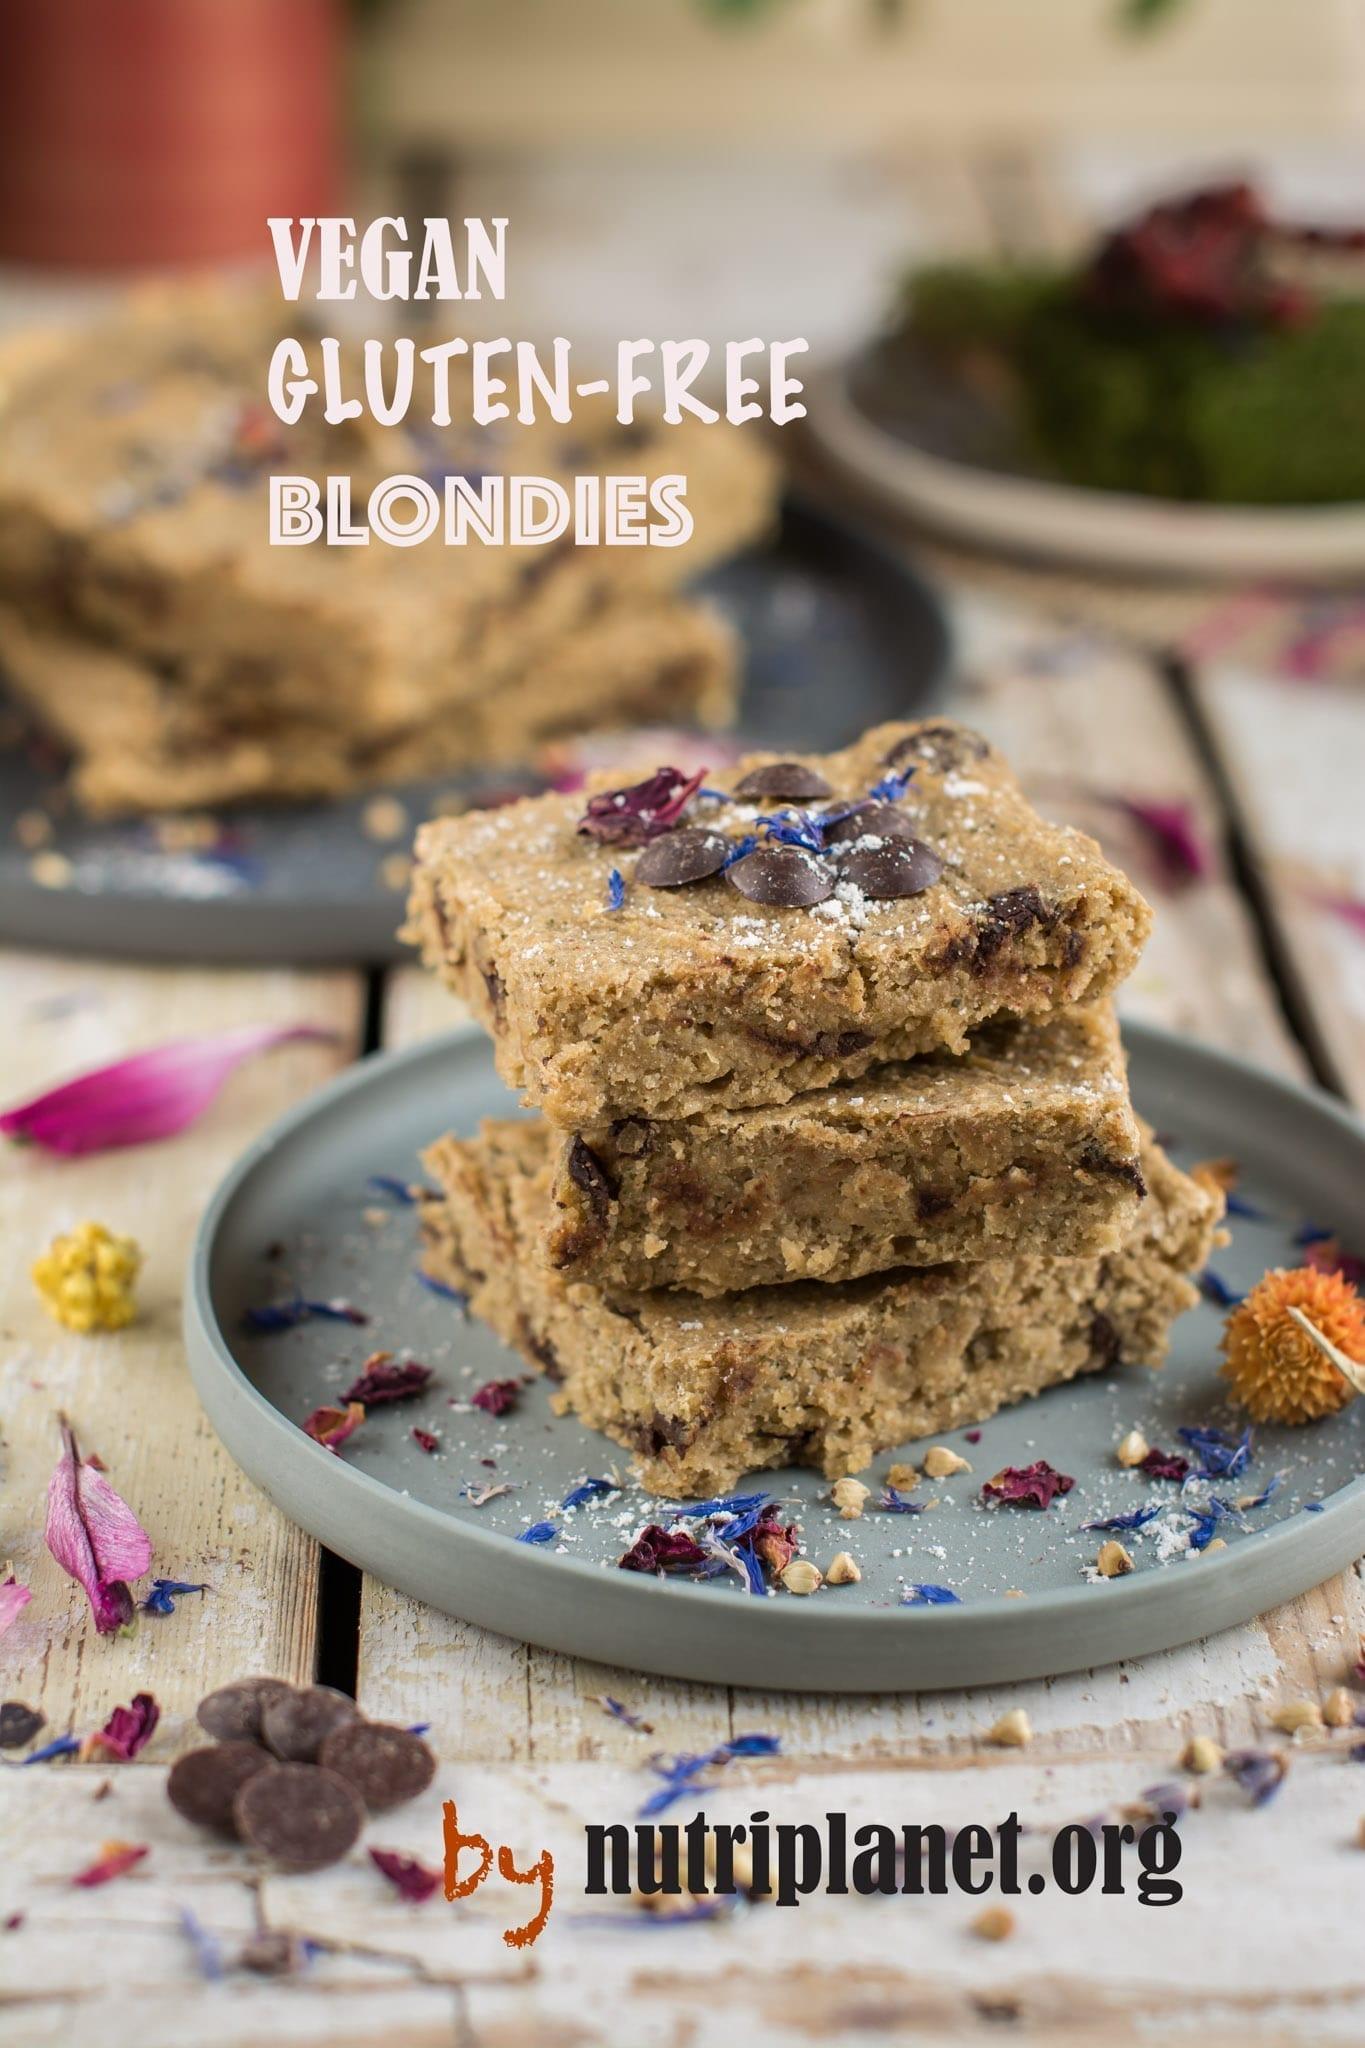 Gluten Free Vegan Blondies with chocolate chips